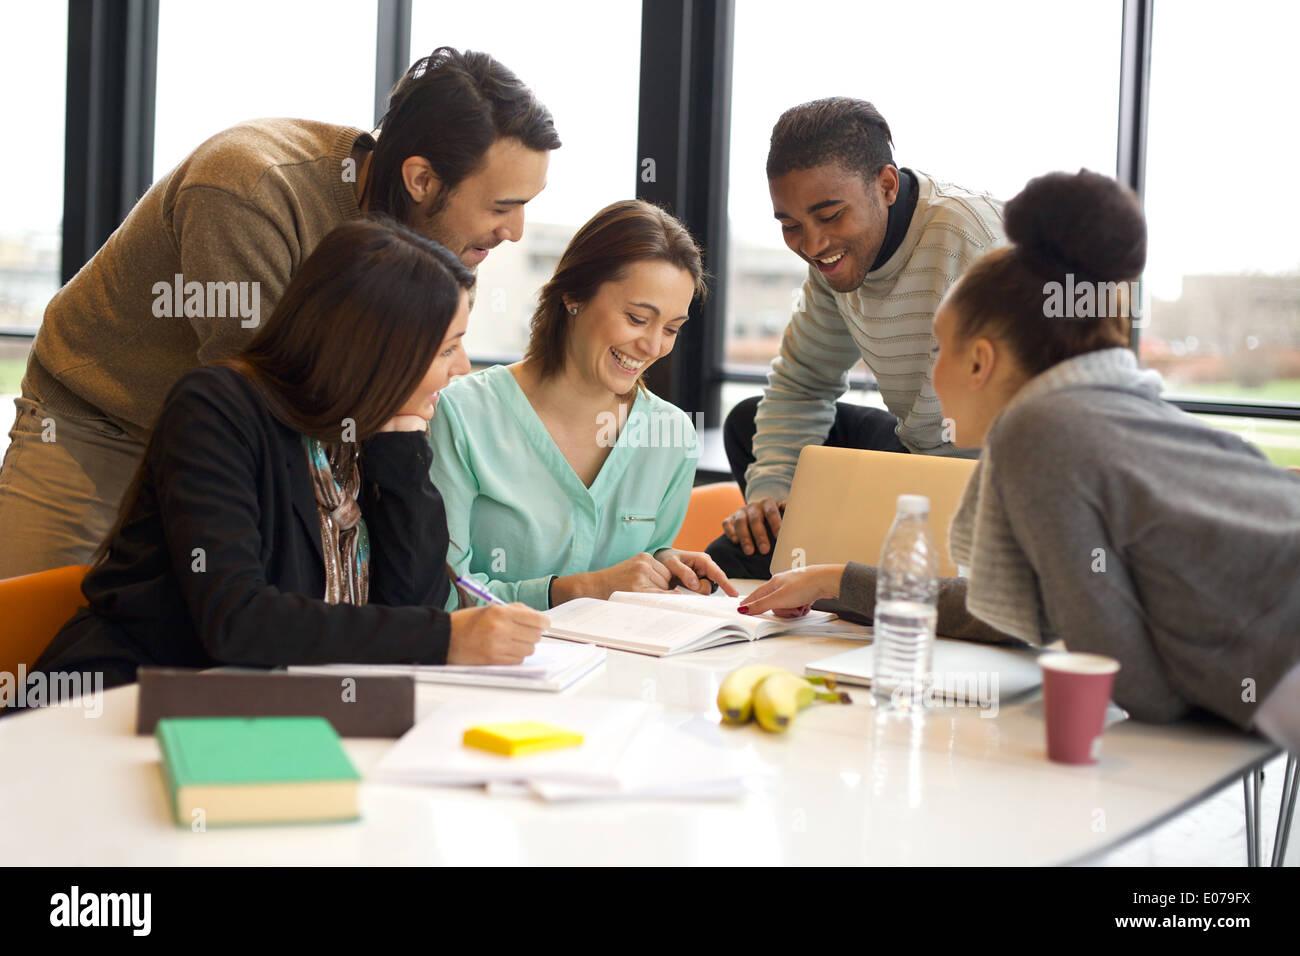 Gruppo di felice giovani studenti in collaborazione con la loro scuola di assegnazione. Multietnica giovani seduta Immagini Stock